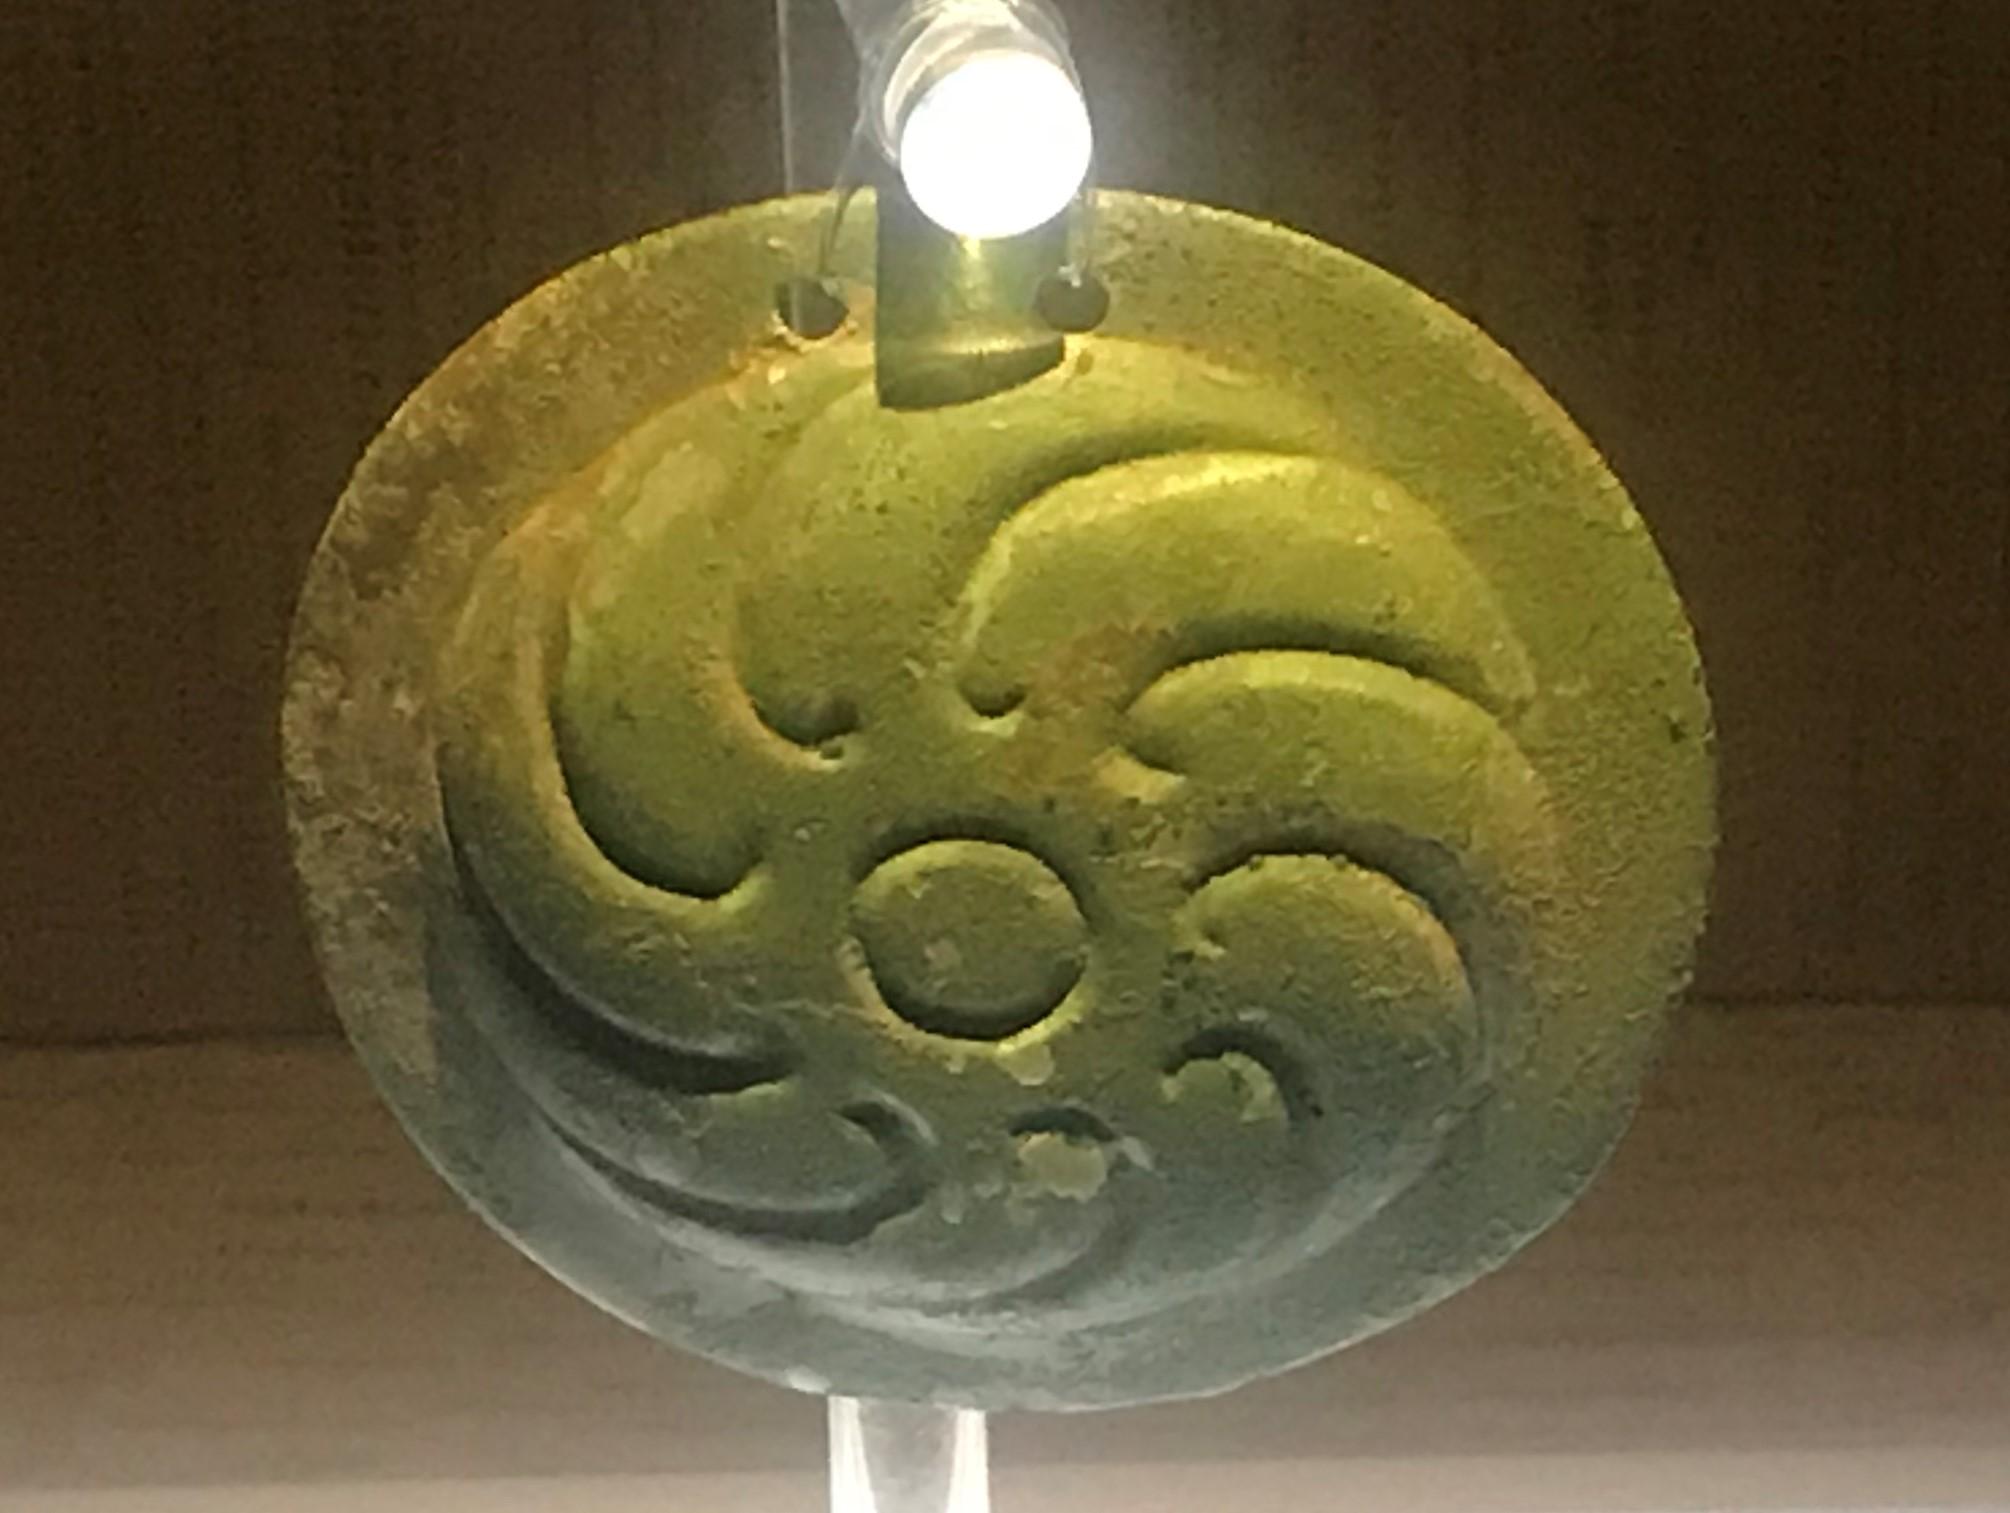 青銅円形掛け飾り-青銅器館-三星堆博物館-広漢市-徳陽市-四川省